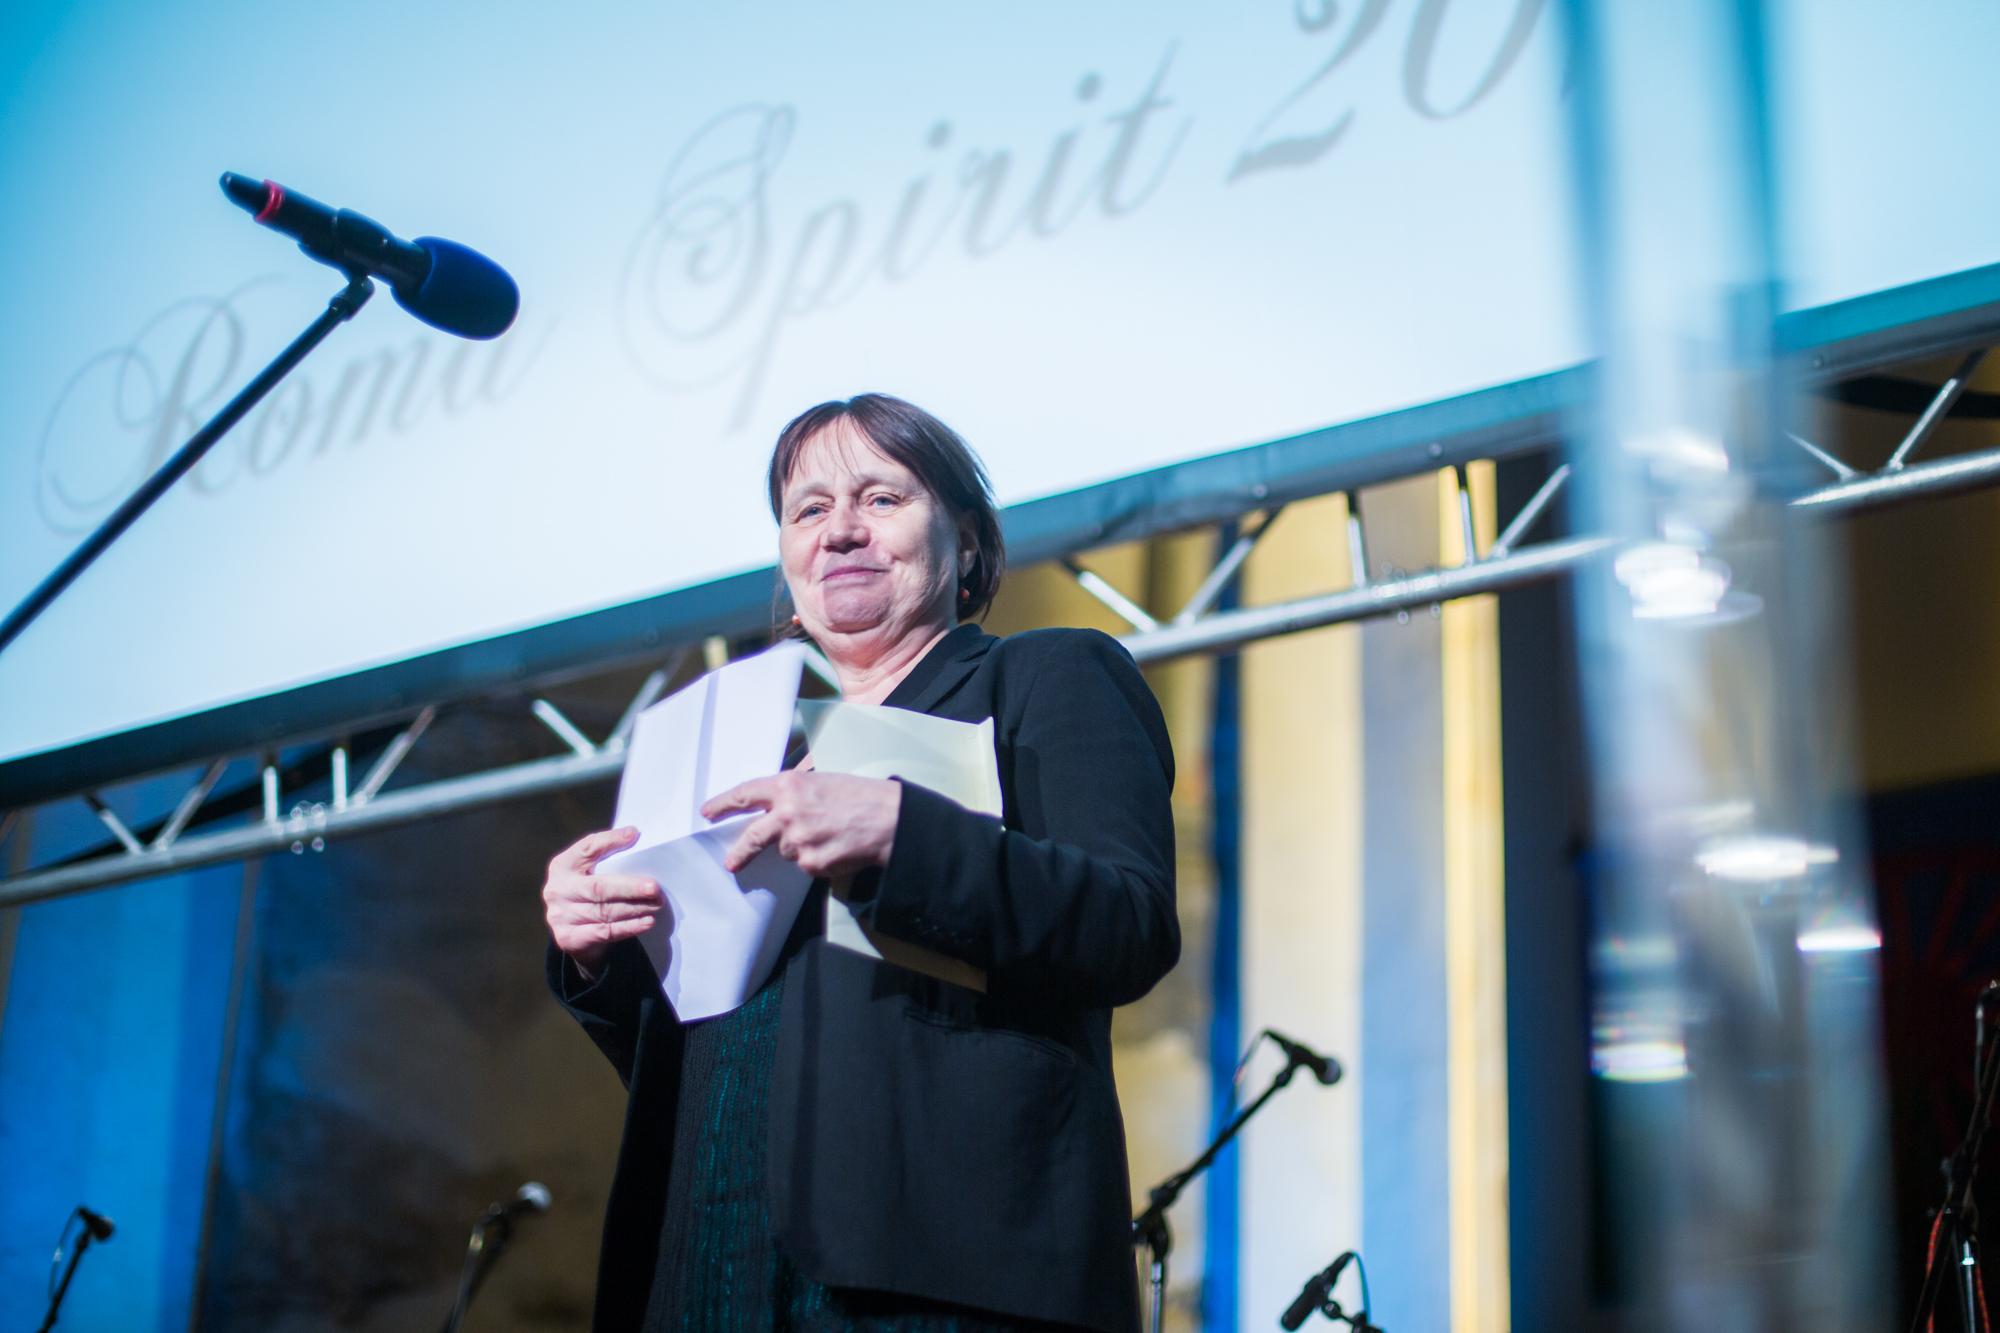 Anna Šabatová, veřejná ochránkyně práv, předala cenu v kategorii Čin roku.